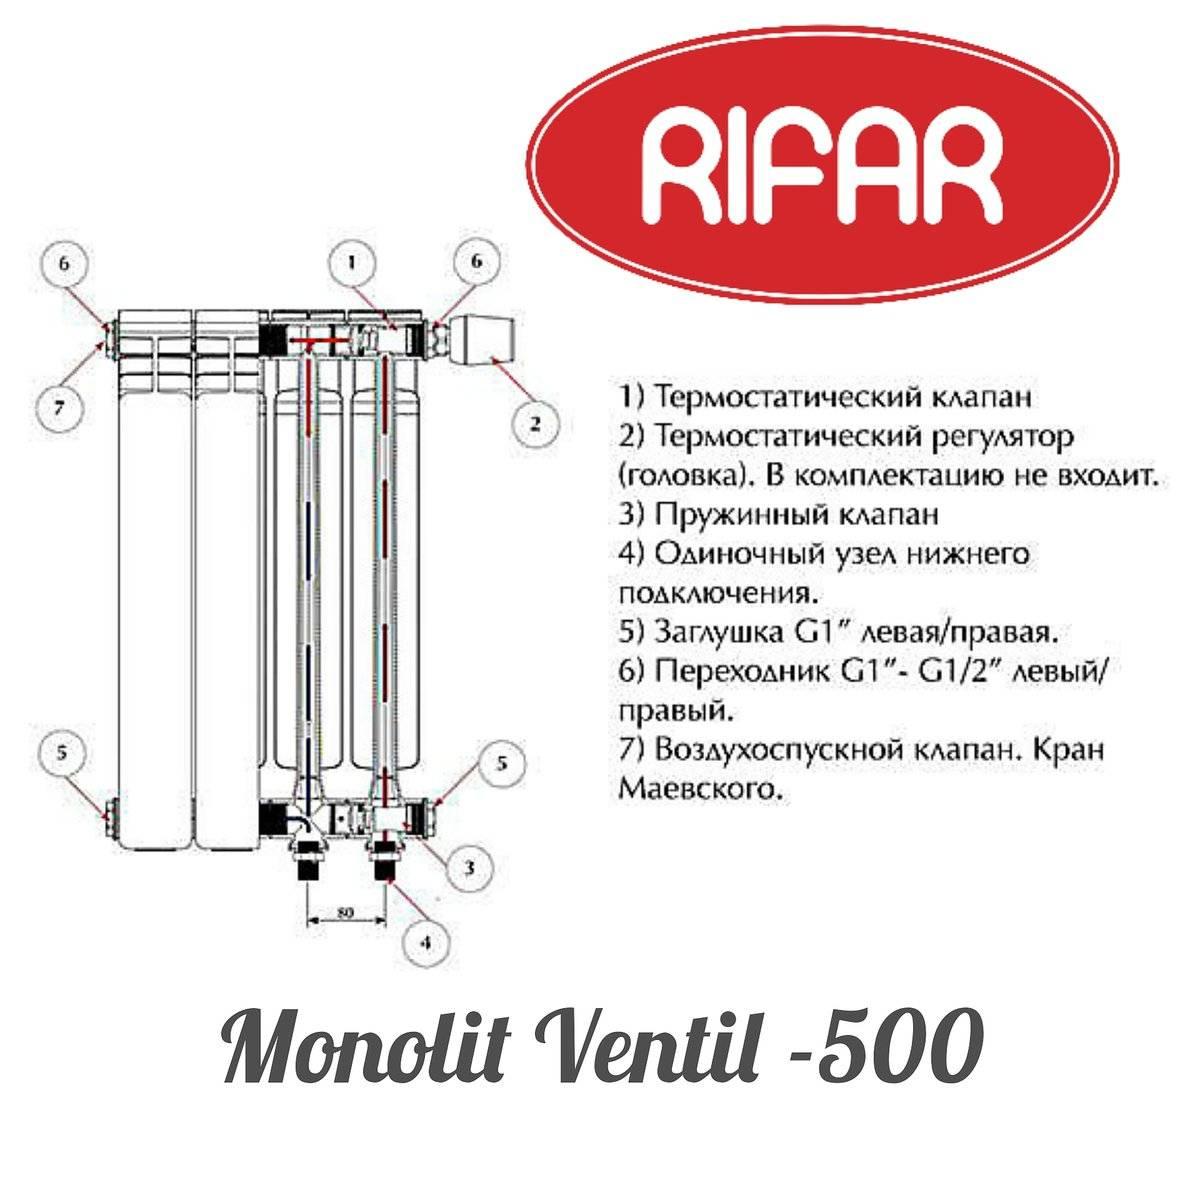 Радиатор рифар: отзывы специалистов и покупателей (монолит, форза, бейс)